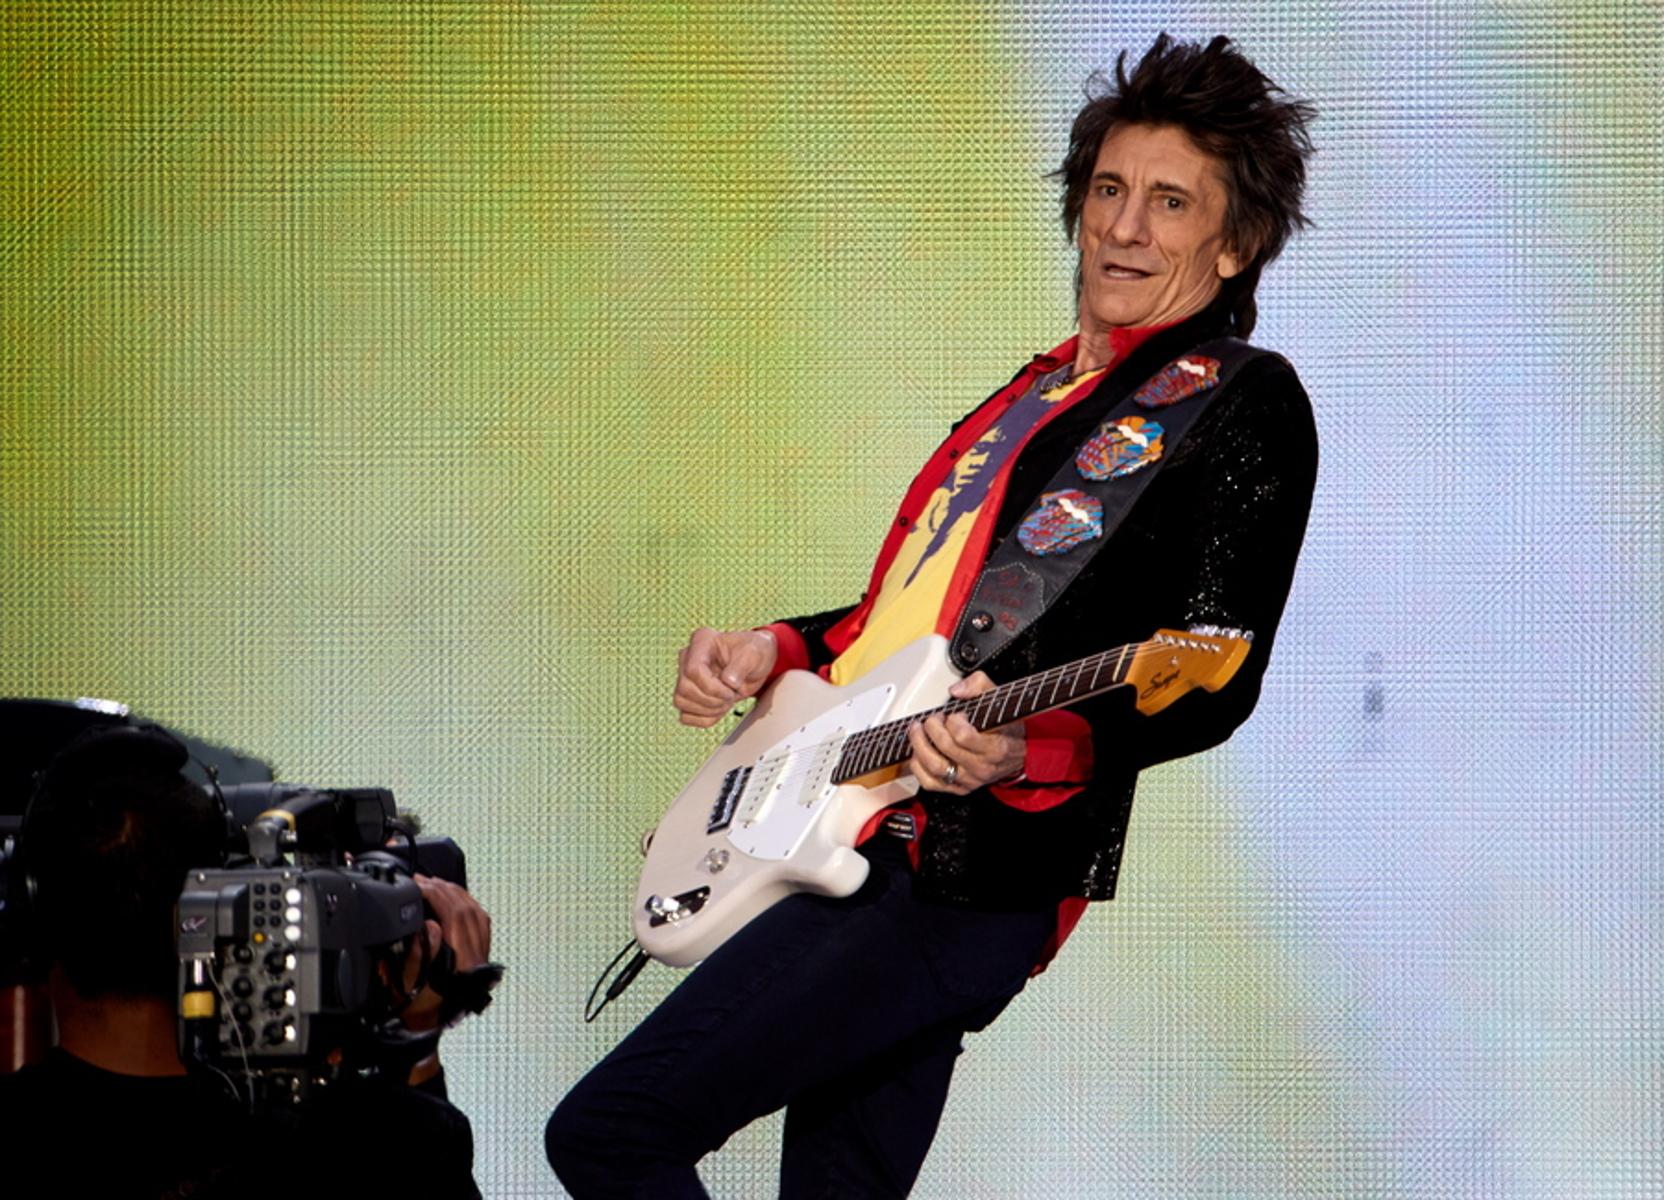 Μεγάλος μαχητής ο Ρόνι Γουντ των Rolling Stones – Νίκησε δύο φορές τον καρκίνο